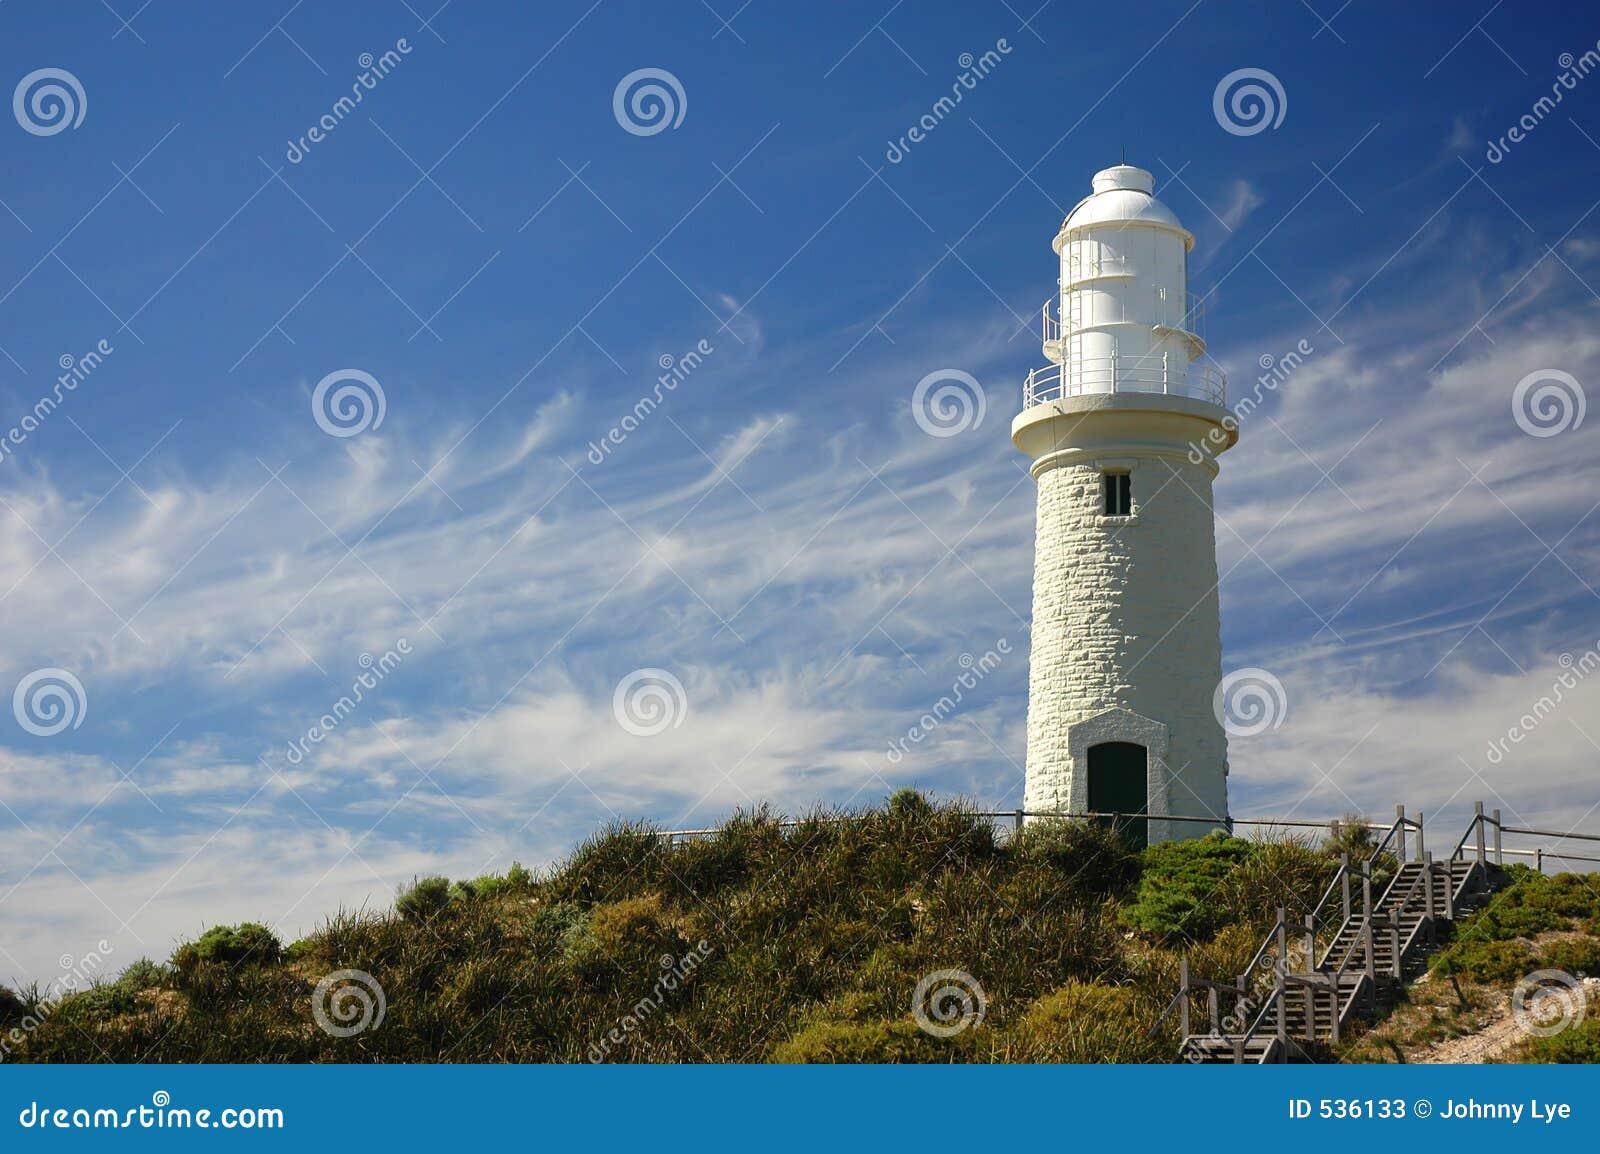 Download 灯塔 库存图片. 图片 包括有 小山, 方向, 警告, 灯塔, 登陆场, 地标, 台阶, 定位, 海岛 - 536133